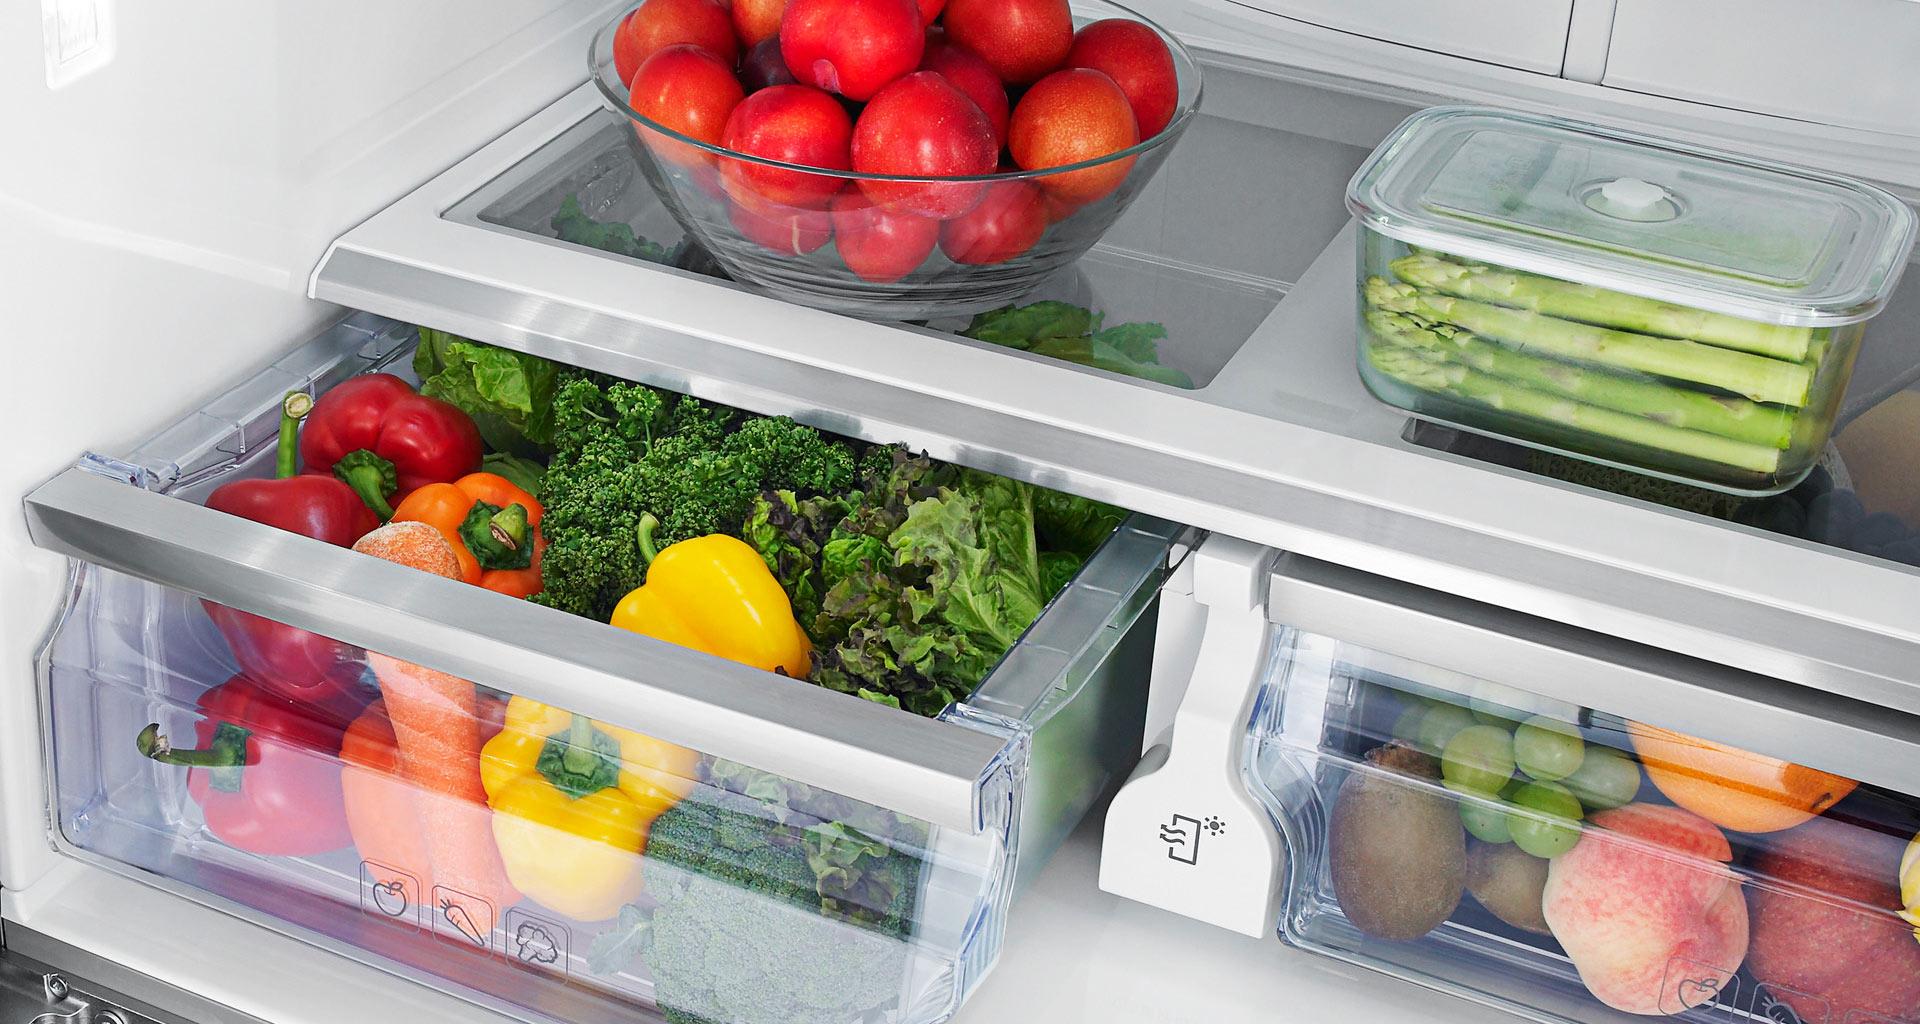 Папка «Фото», Сезонные продукты-летний режим питания – ящики для фруктов и овощей.